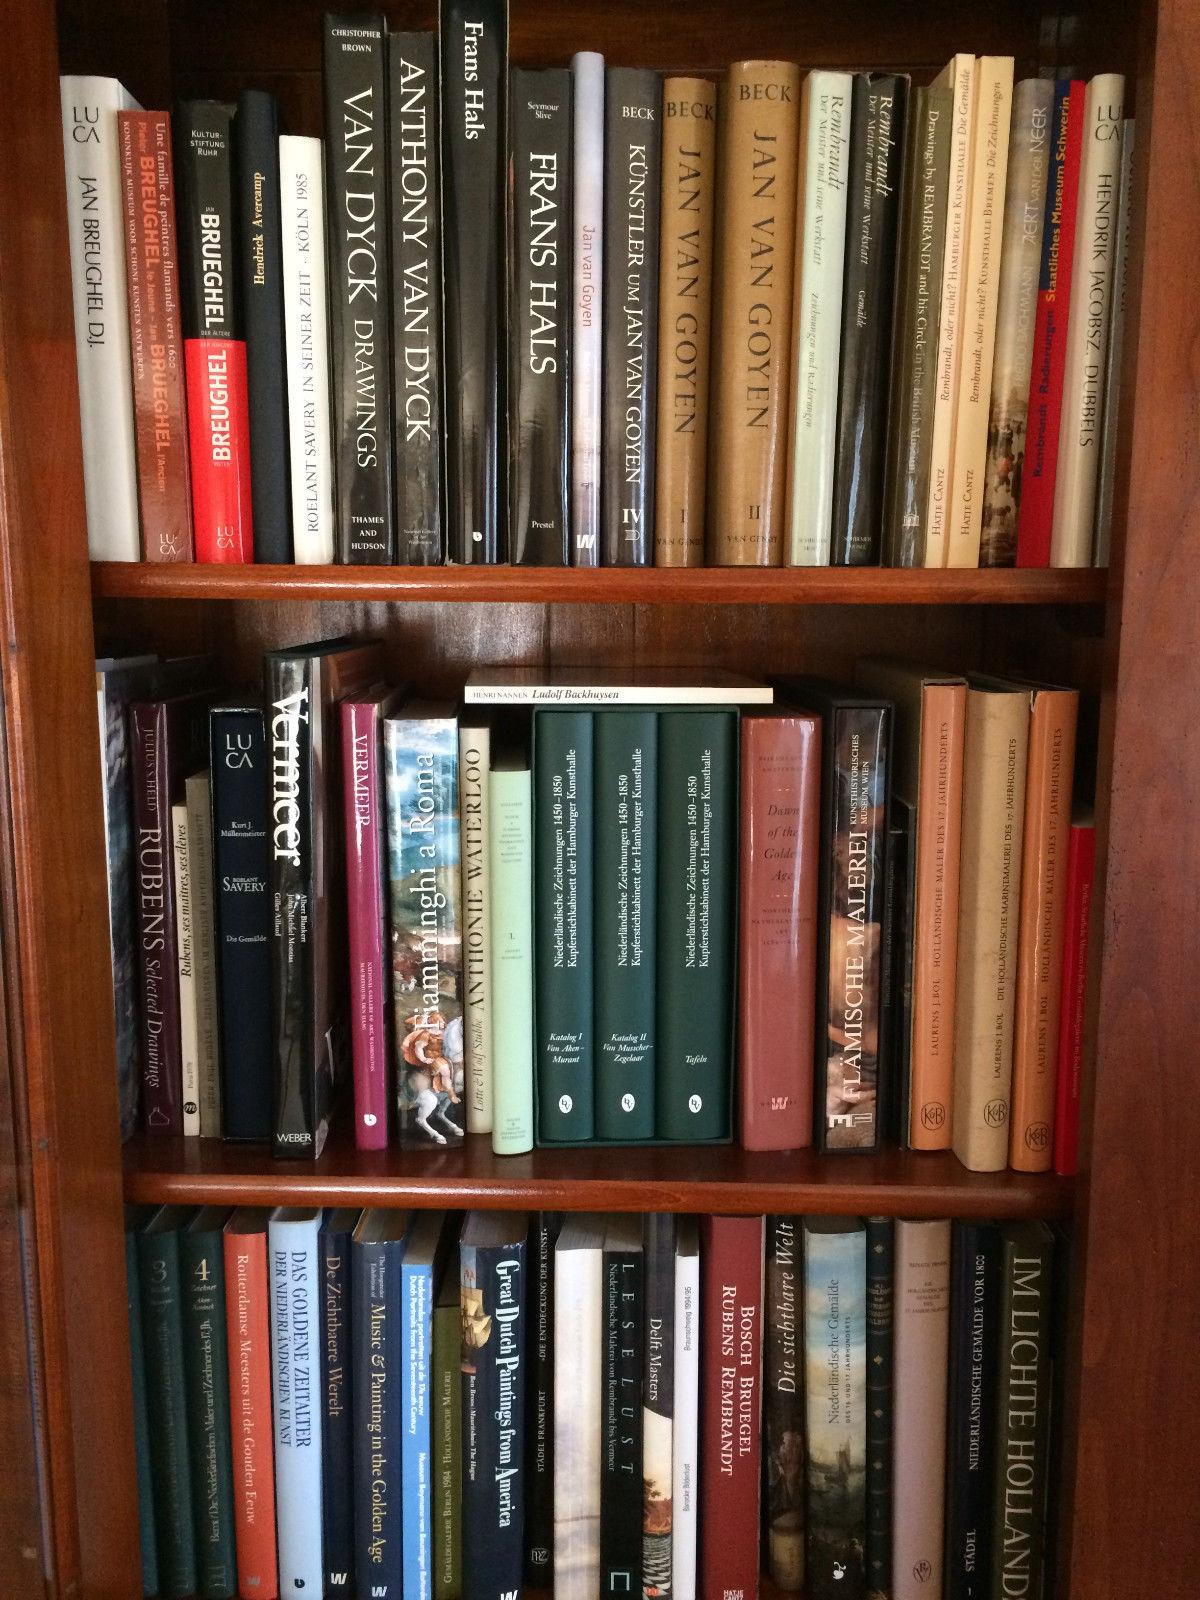 Kunstbuch-Bibliothek, +800 Positionen, teilw. antiquarisch, Eink.-Pr. +100.000€